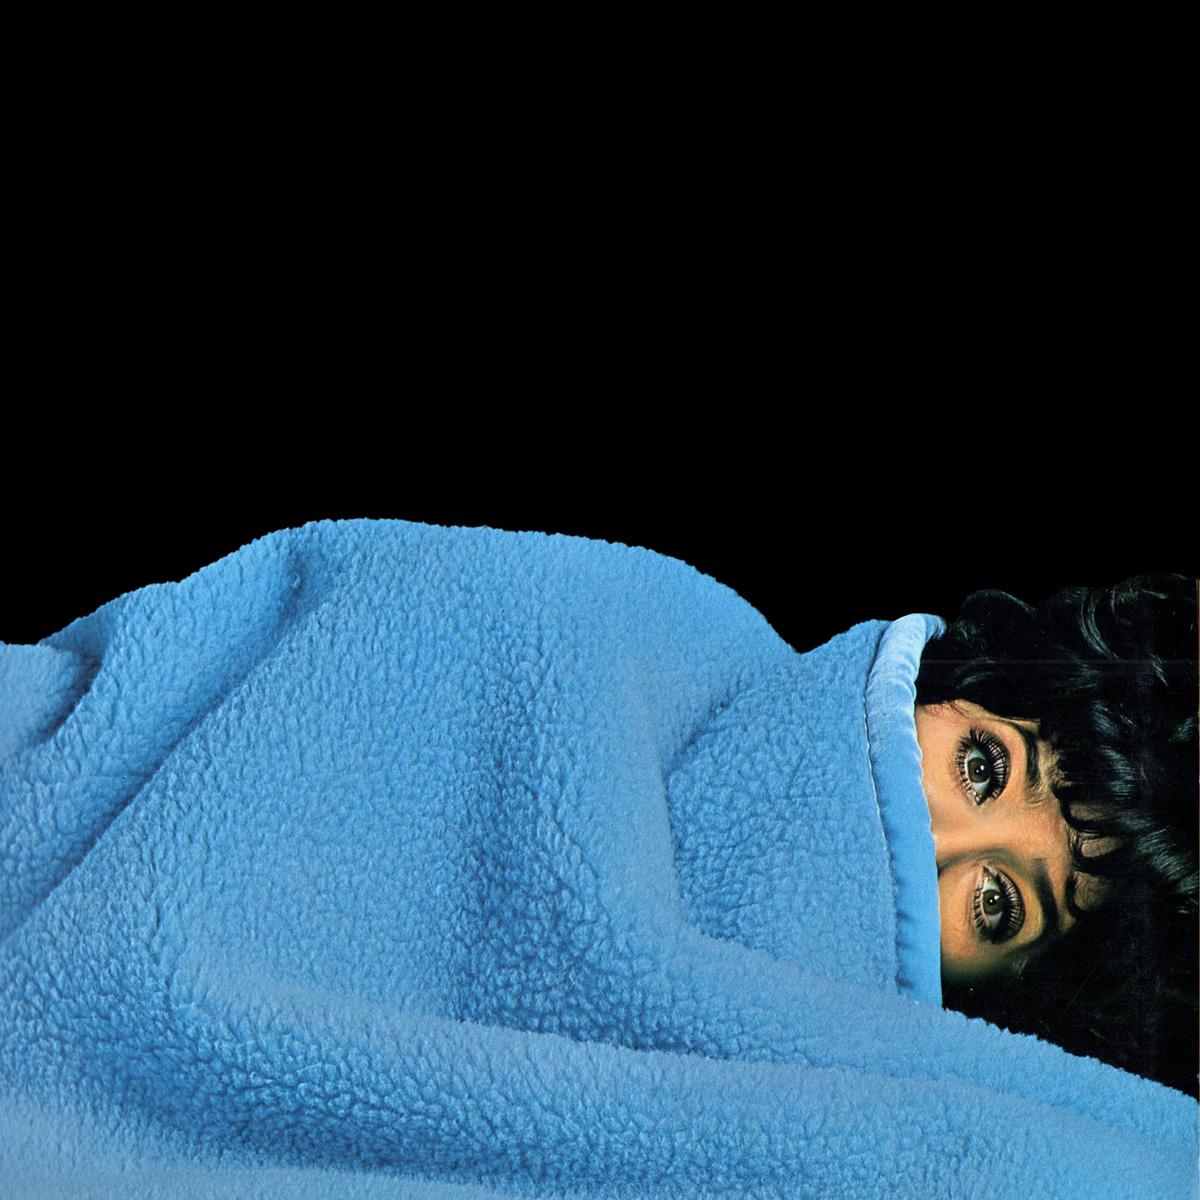 Das Katalog-Cover zeigt eine Frau, die bis zu den Augen unter einer blauen Wohndecke liegt.